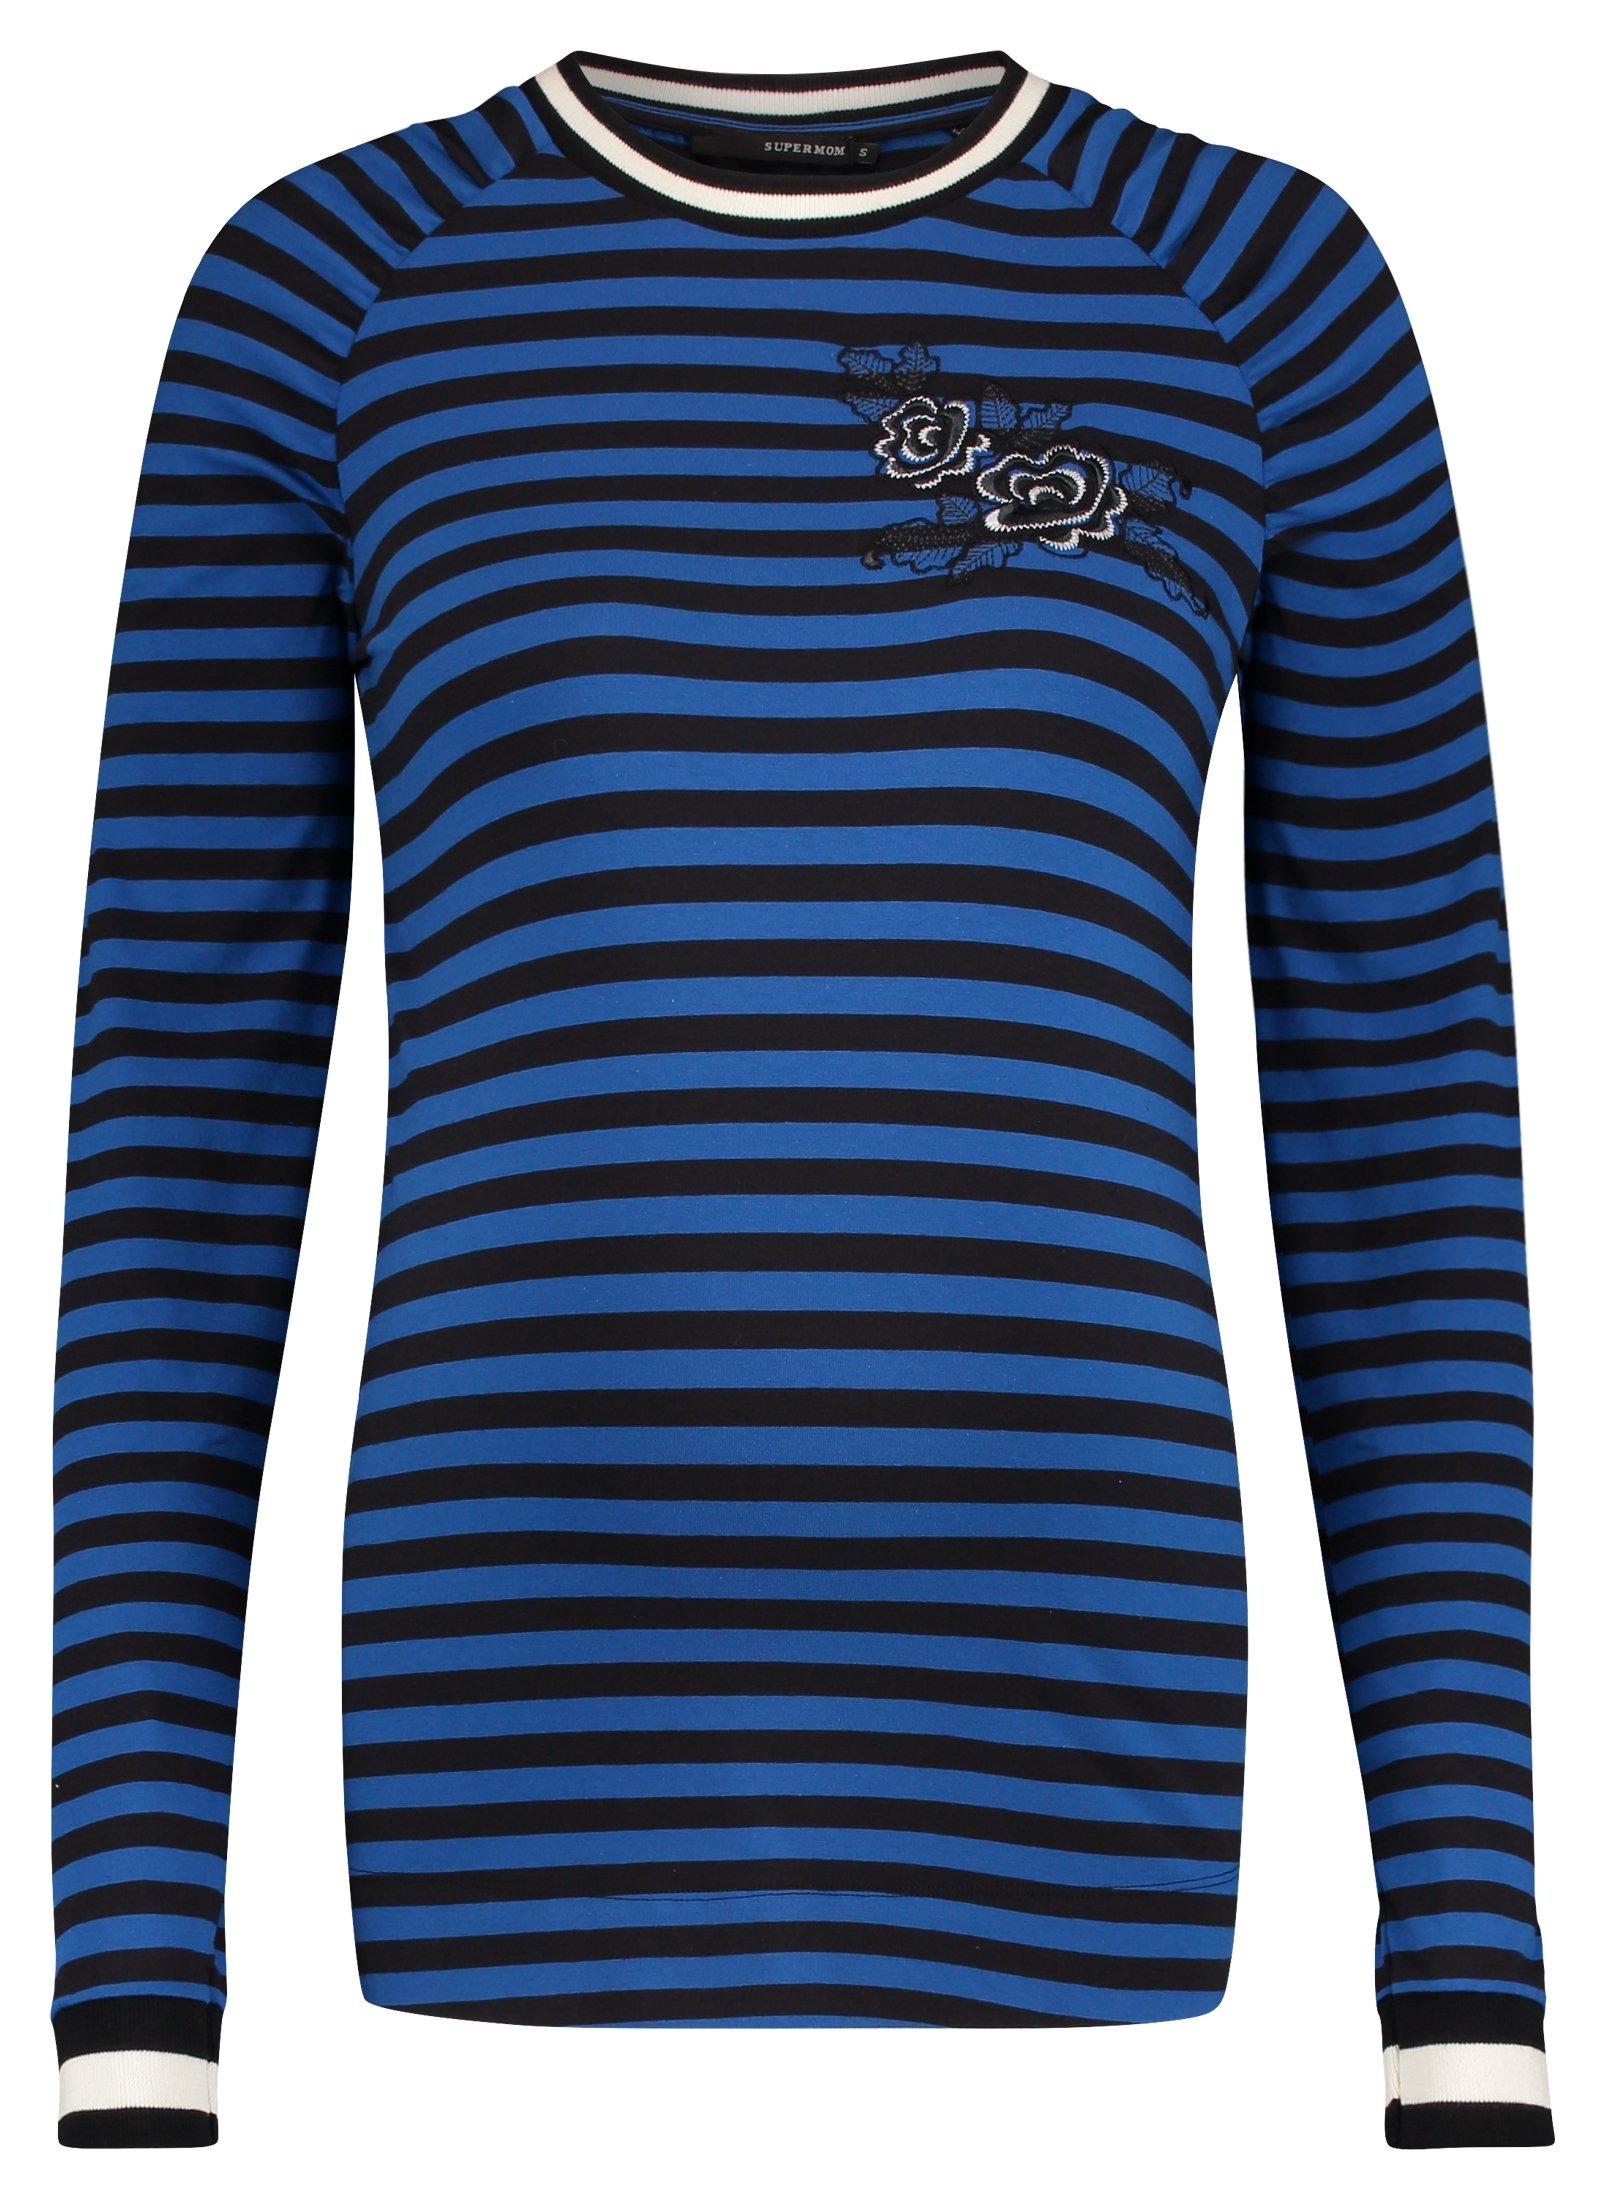 Supermom Longsleeve »Striped« bij OTTO online kopen